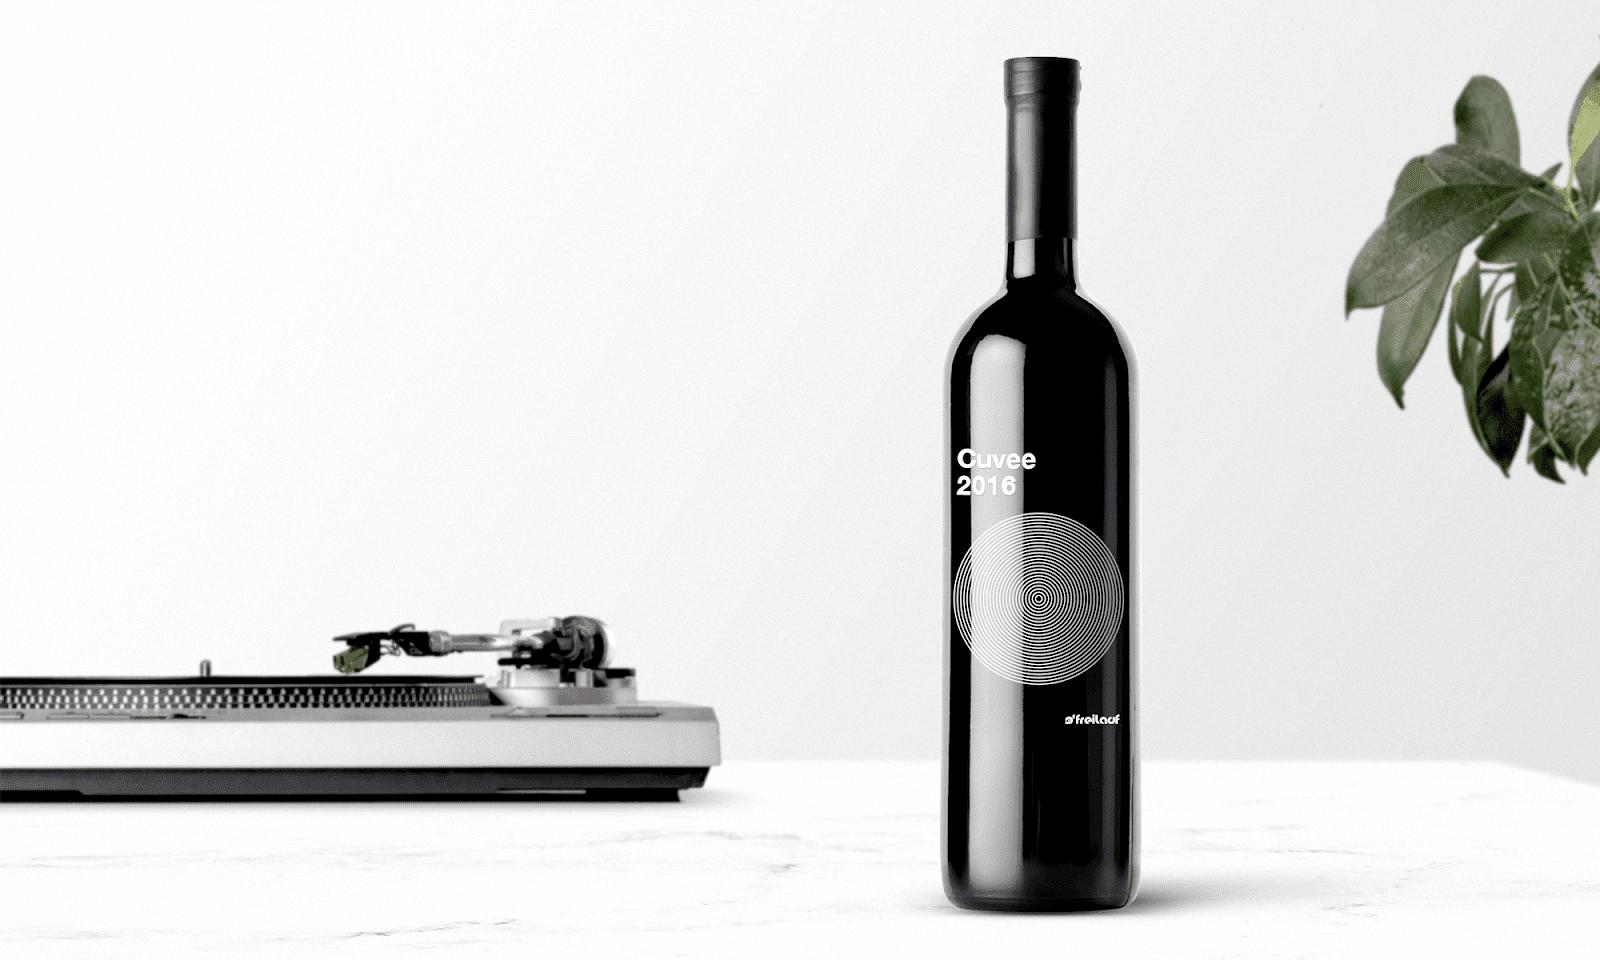 Freilauf Wines 1 - Ach, tie obaly – Freilauf Wines